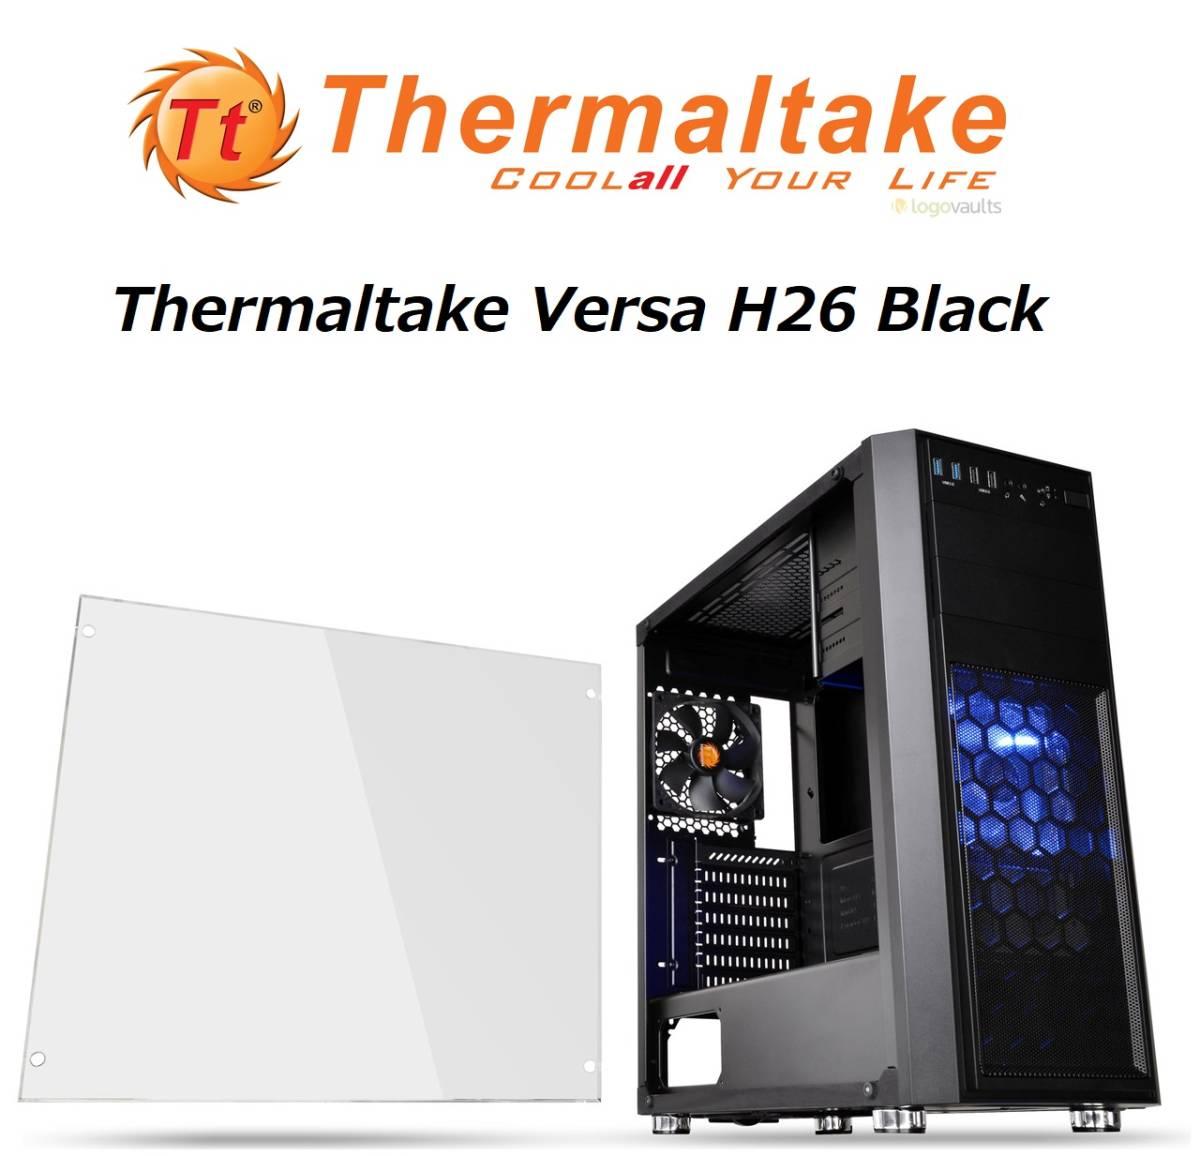 新品 ☆Thermaltake Versa H26 Black /w casefan ミドルタワー型PCケース [ブラックモデル] CS7070 CA-1J5-00M1WN-01 ☆